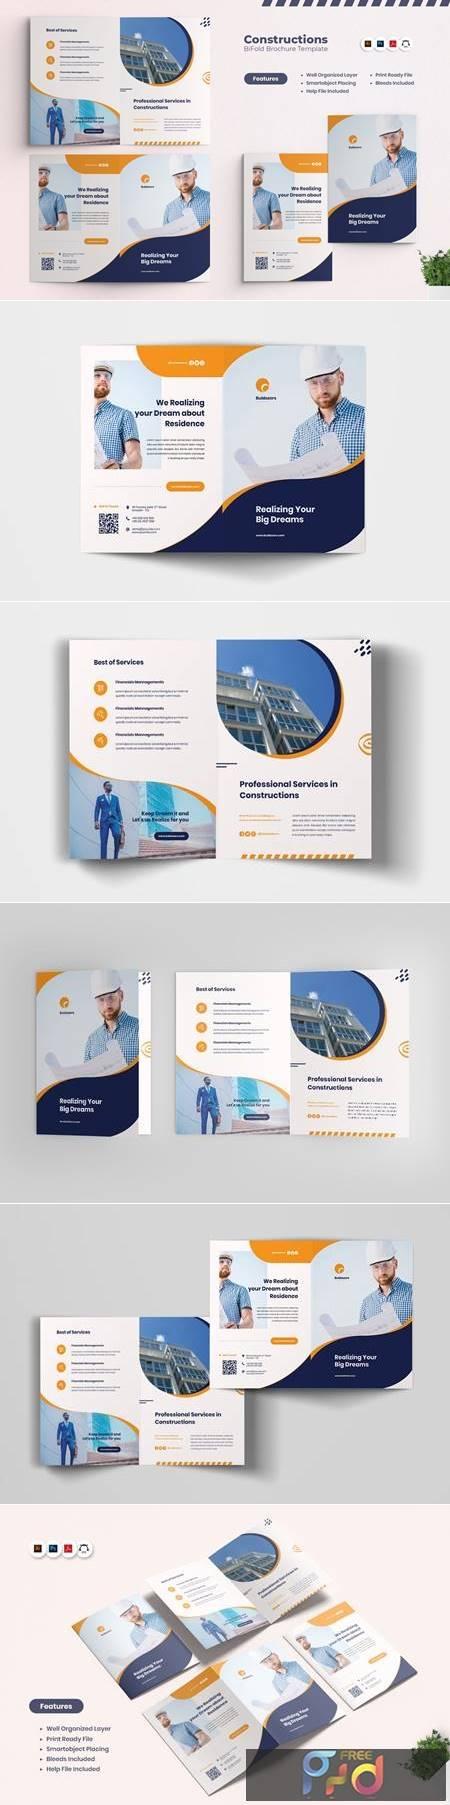 Constructions BiFold Brochures ZRRA77S 1